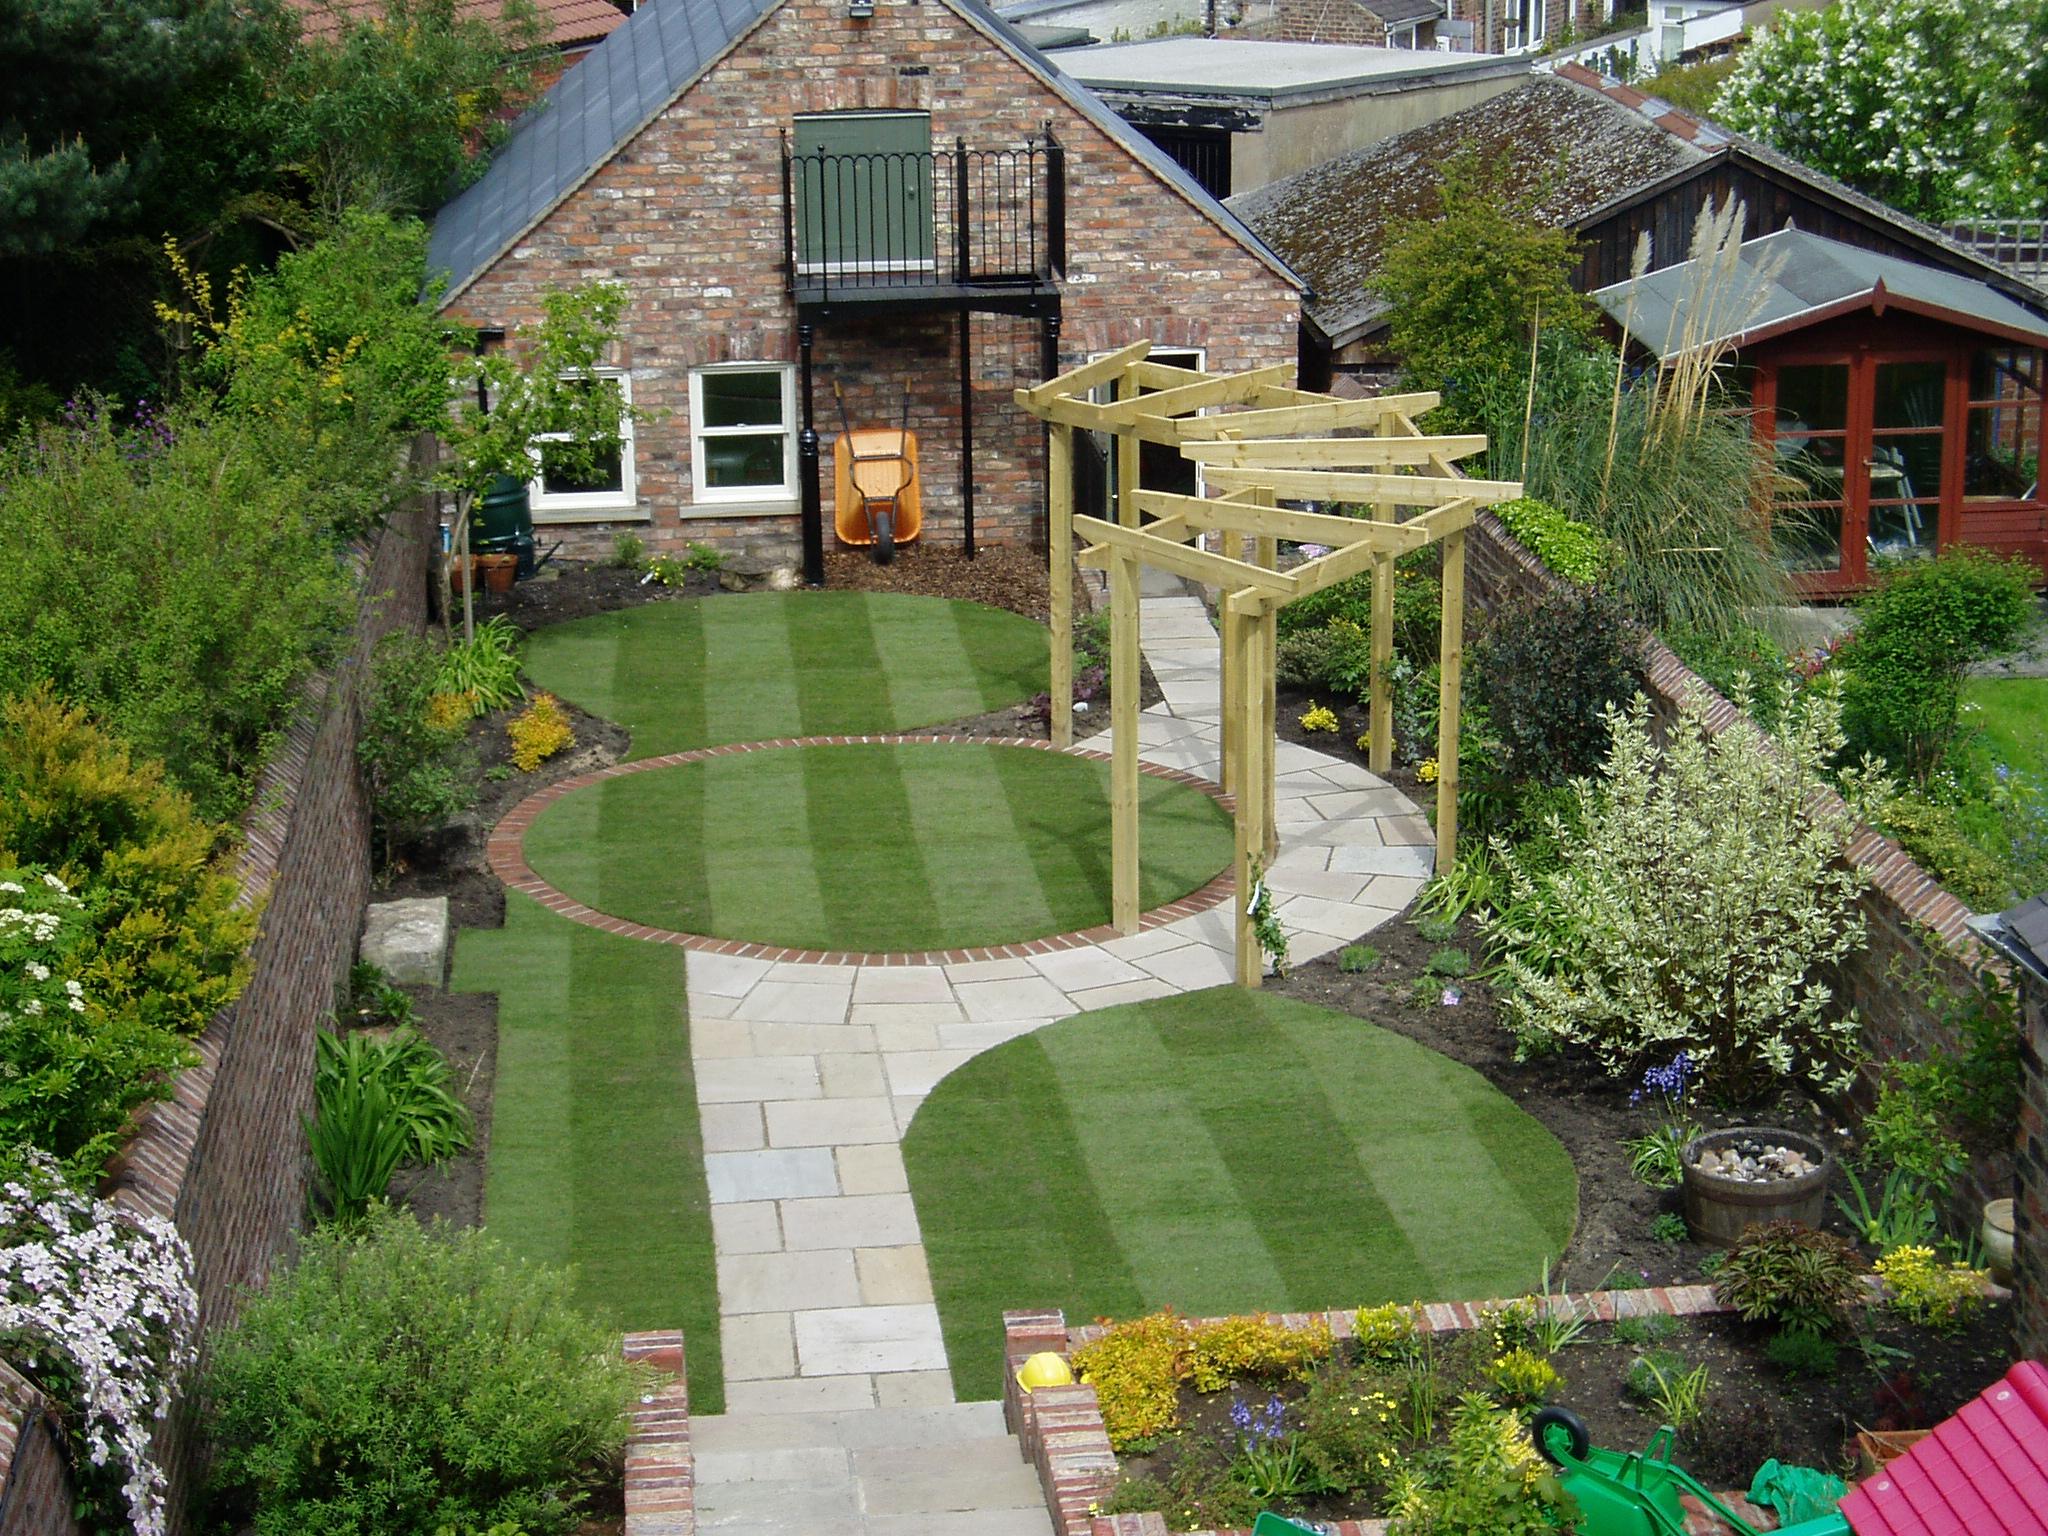 Gardens Designs Ideas Garden design ideas dublin apco garden design workwithnaturefo